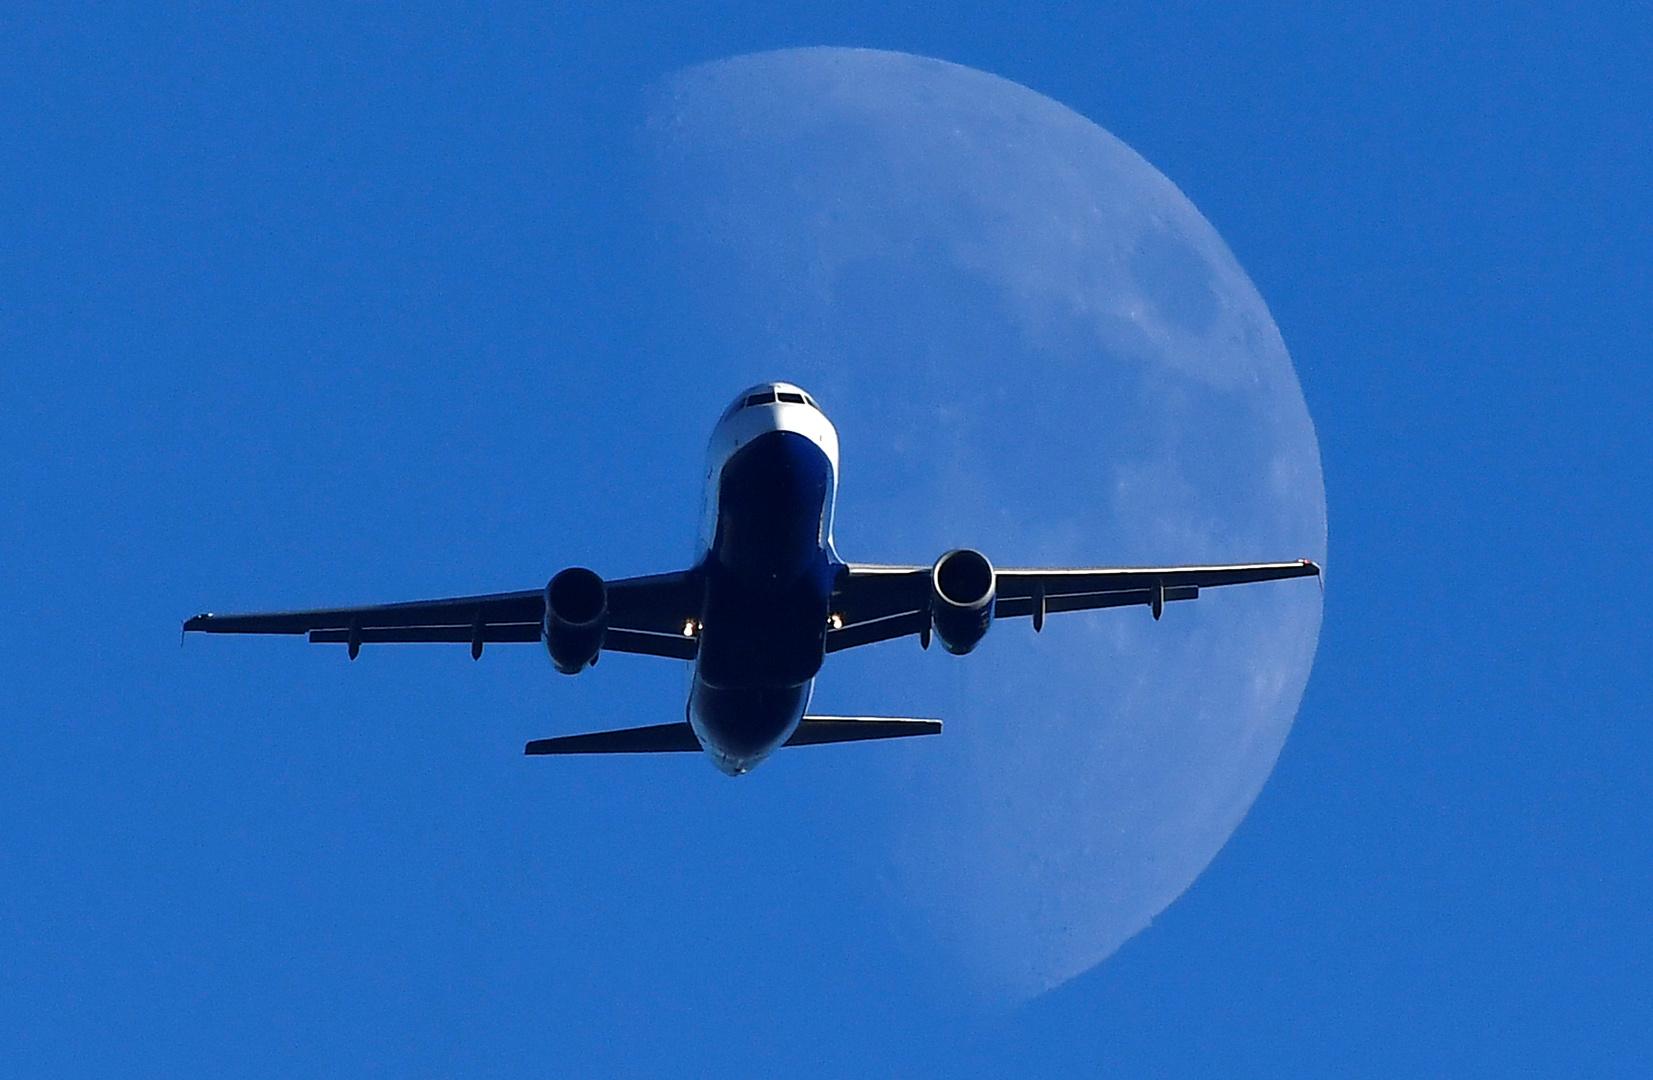 عدد من شركات الطيران يحظر الرحلات فوق إيران والعراق